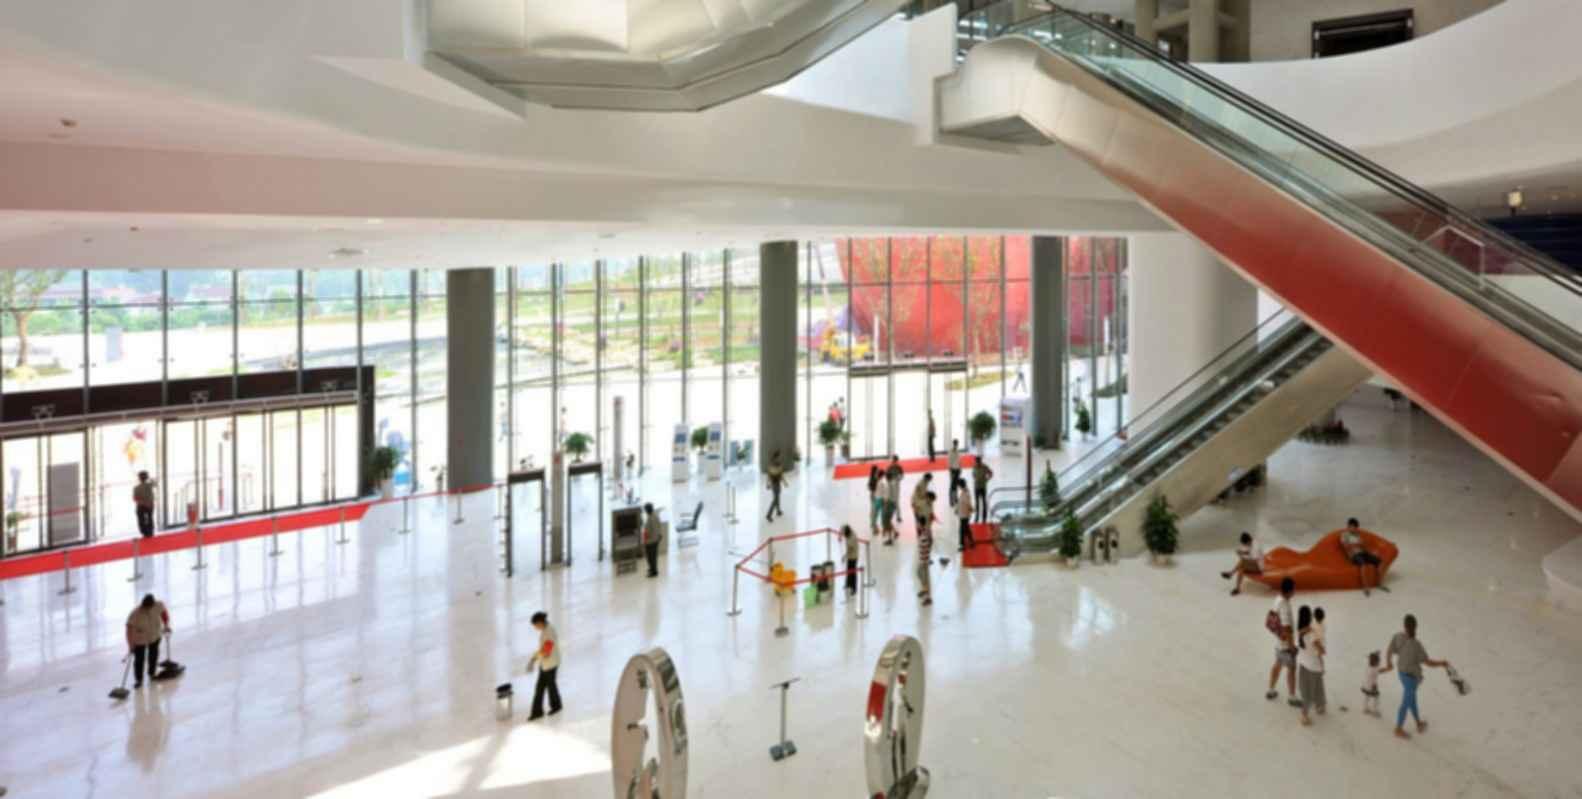 Fangshan Tangshan National Geopark Museum - Interior